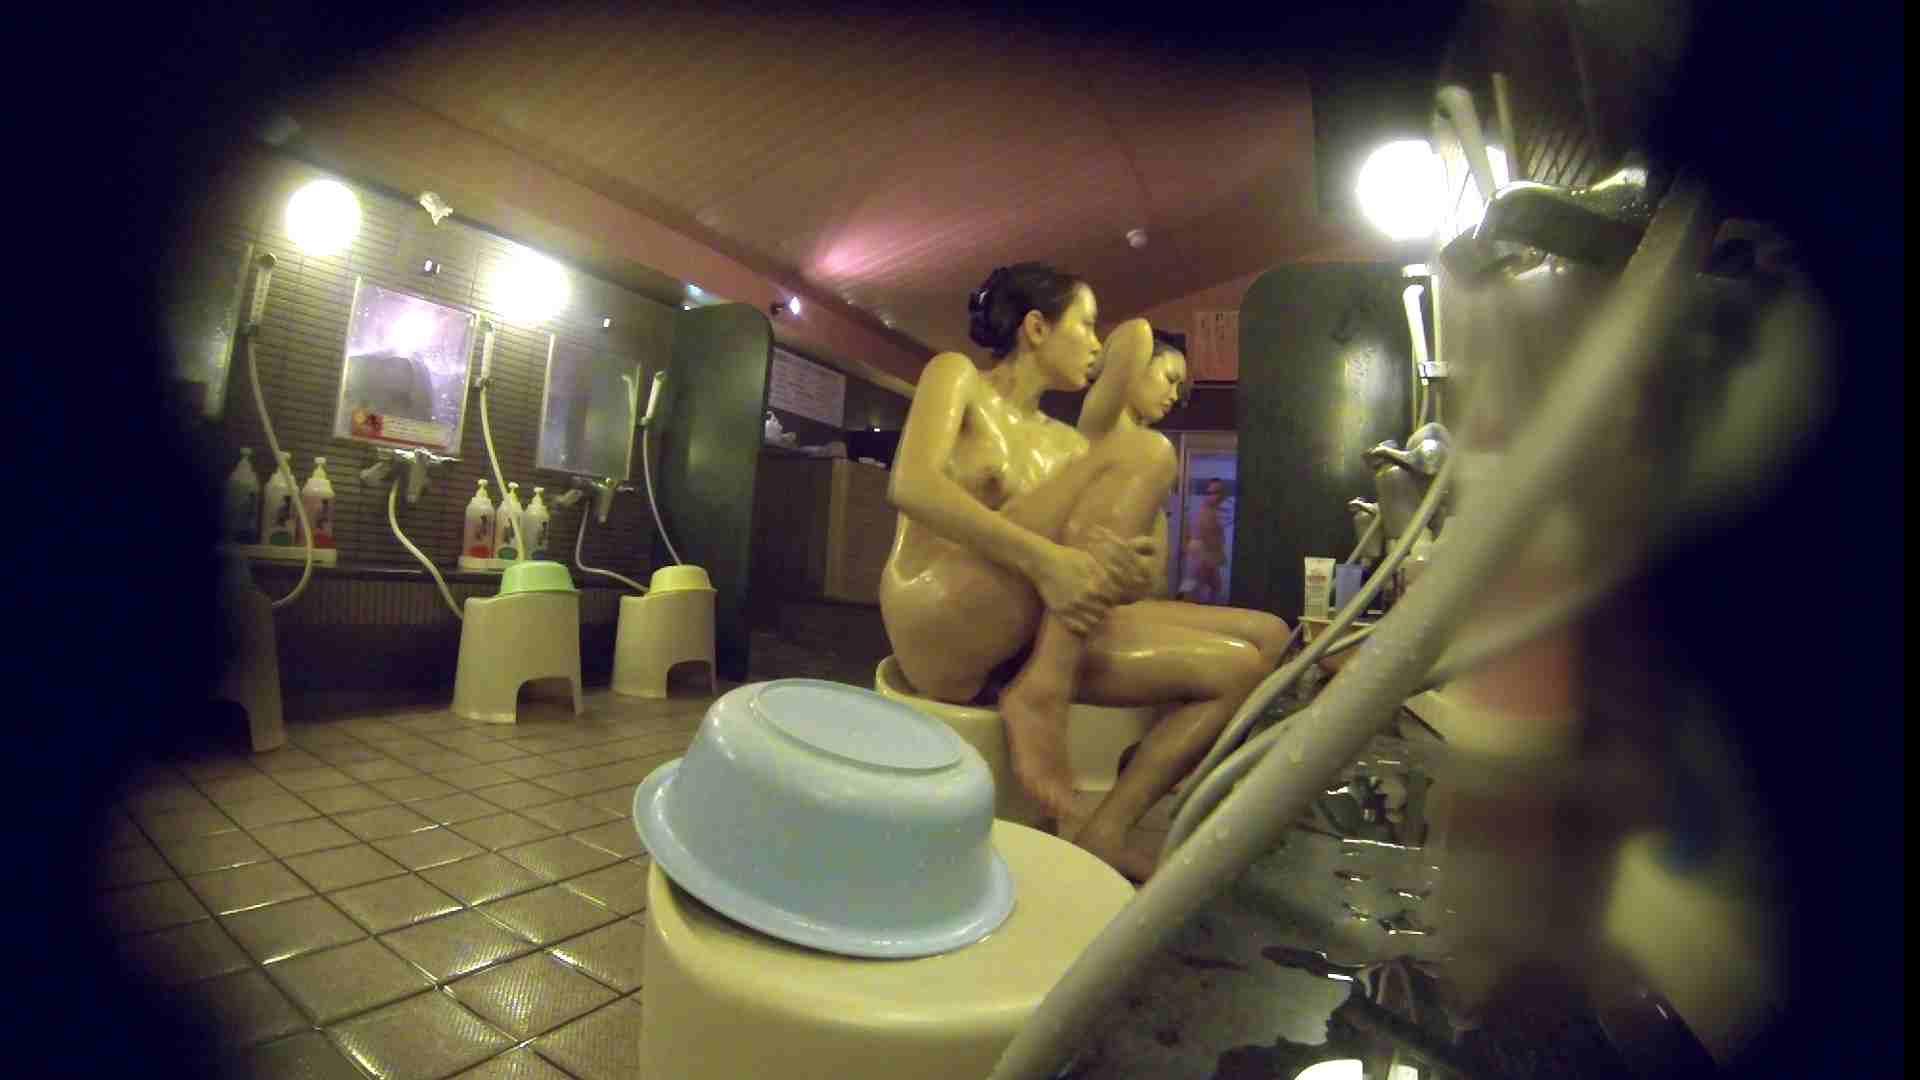 洗い場!スタイル抜群で柔らかそうに揺れるオッパイ 銭湯のぞき オマンコ動画キャプチャ 107画像 76